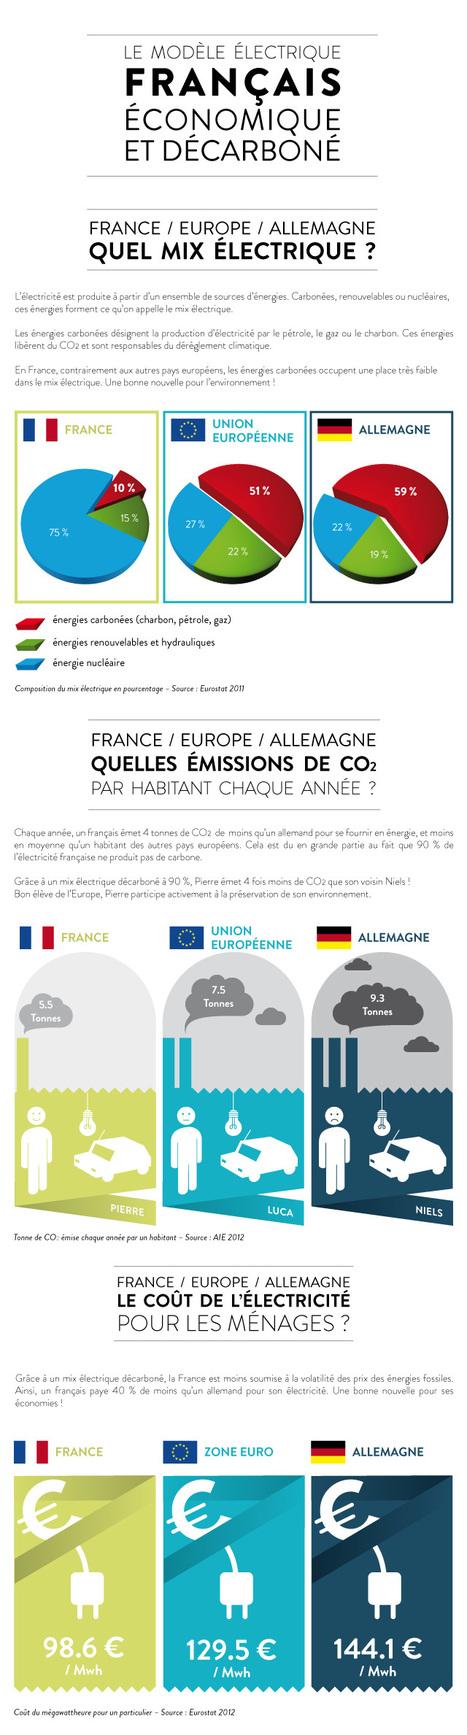 Transition énergétique en Allemagne : décryptage | All | Scoop.it